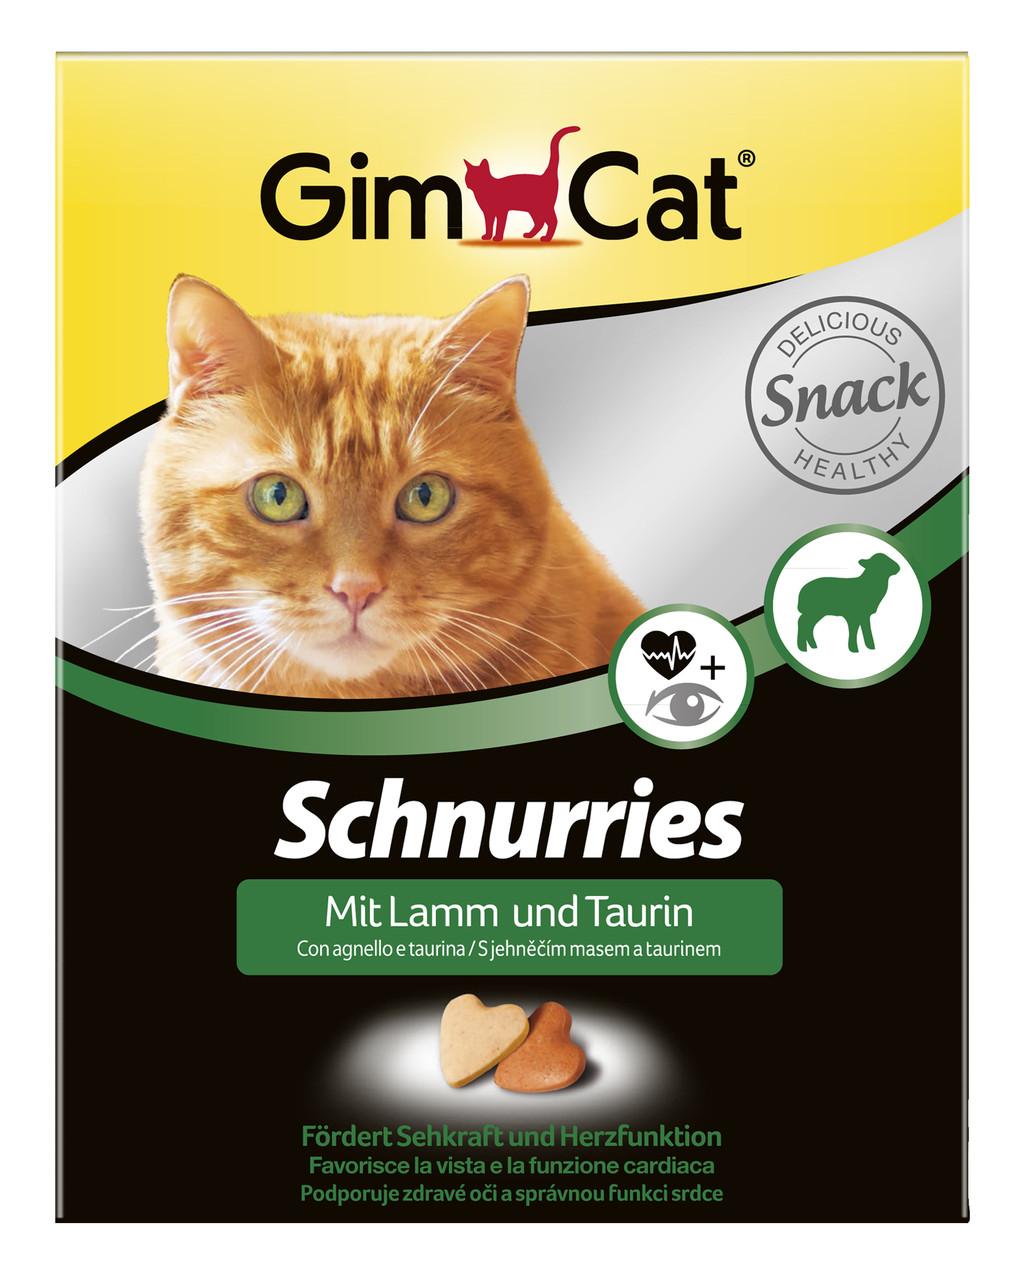 Витаминизированное лакомство для кошек GimCat в виде сердечек (ягненок) 650 табл.